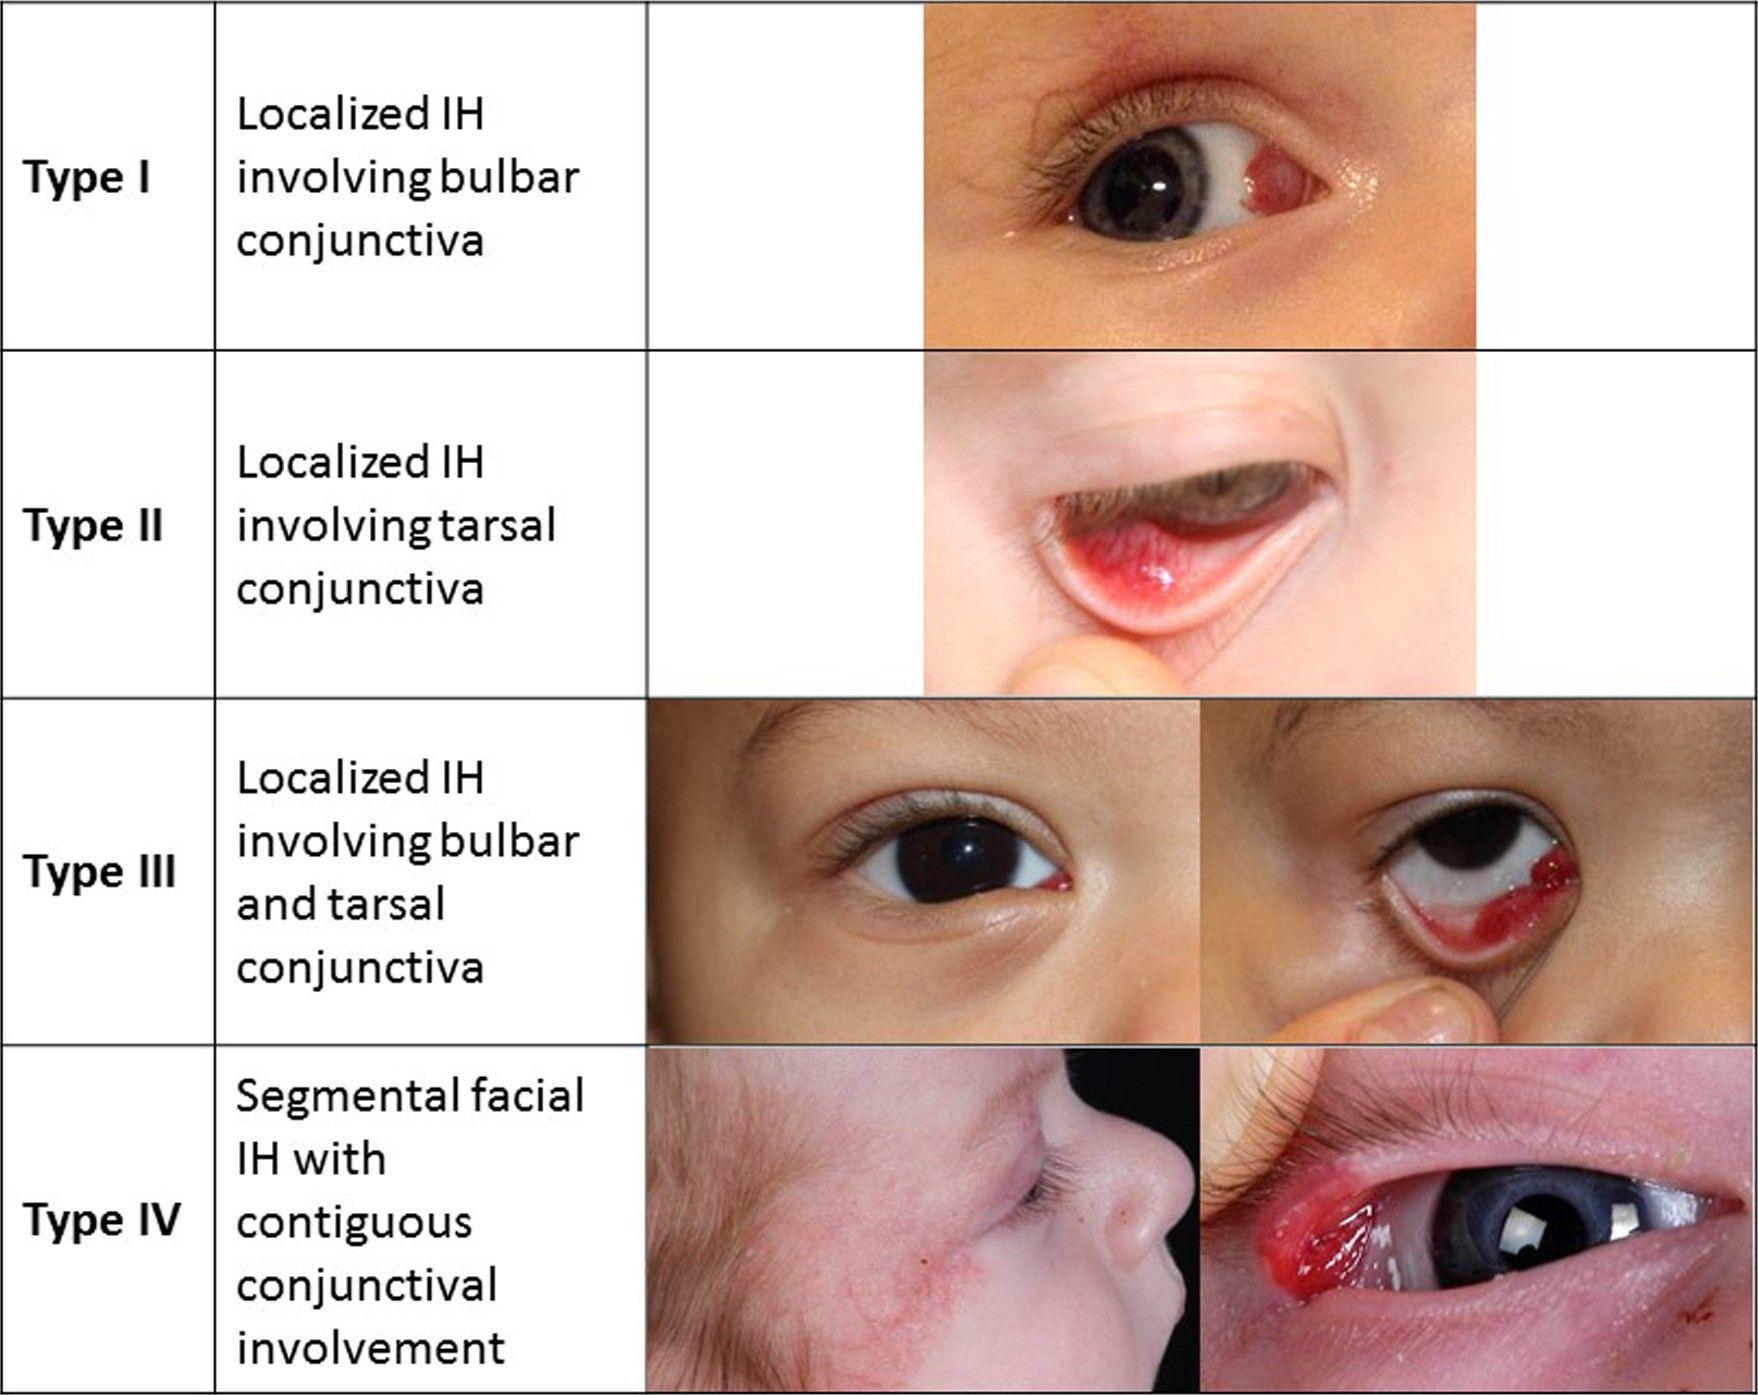 結膜に及ぶ異なる種類の乳児血管腫を示す写真。